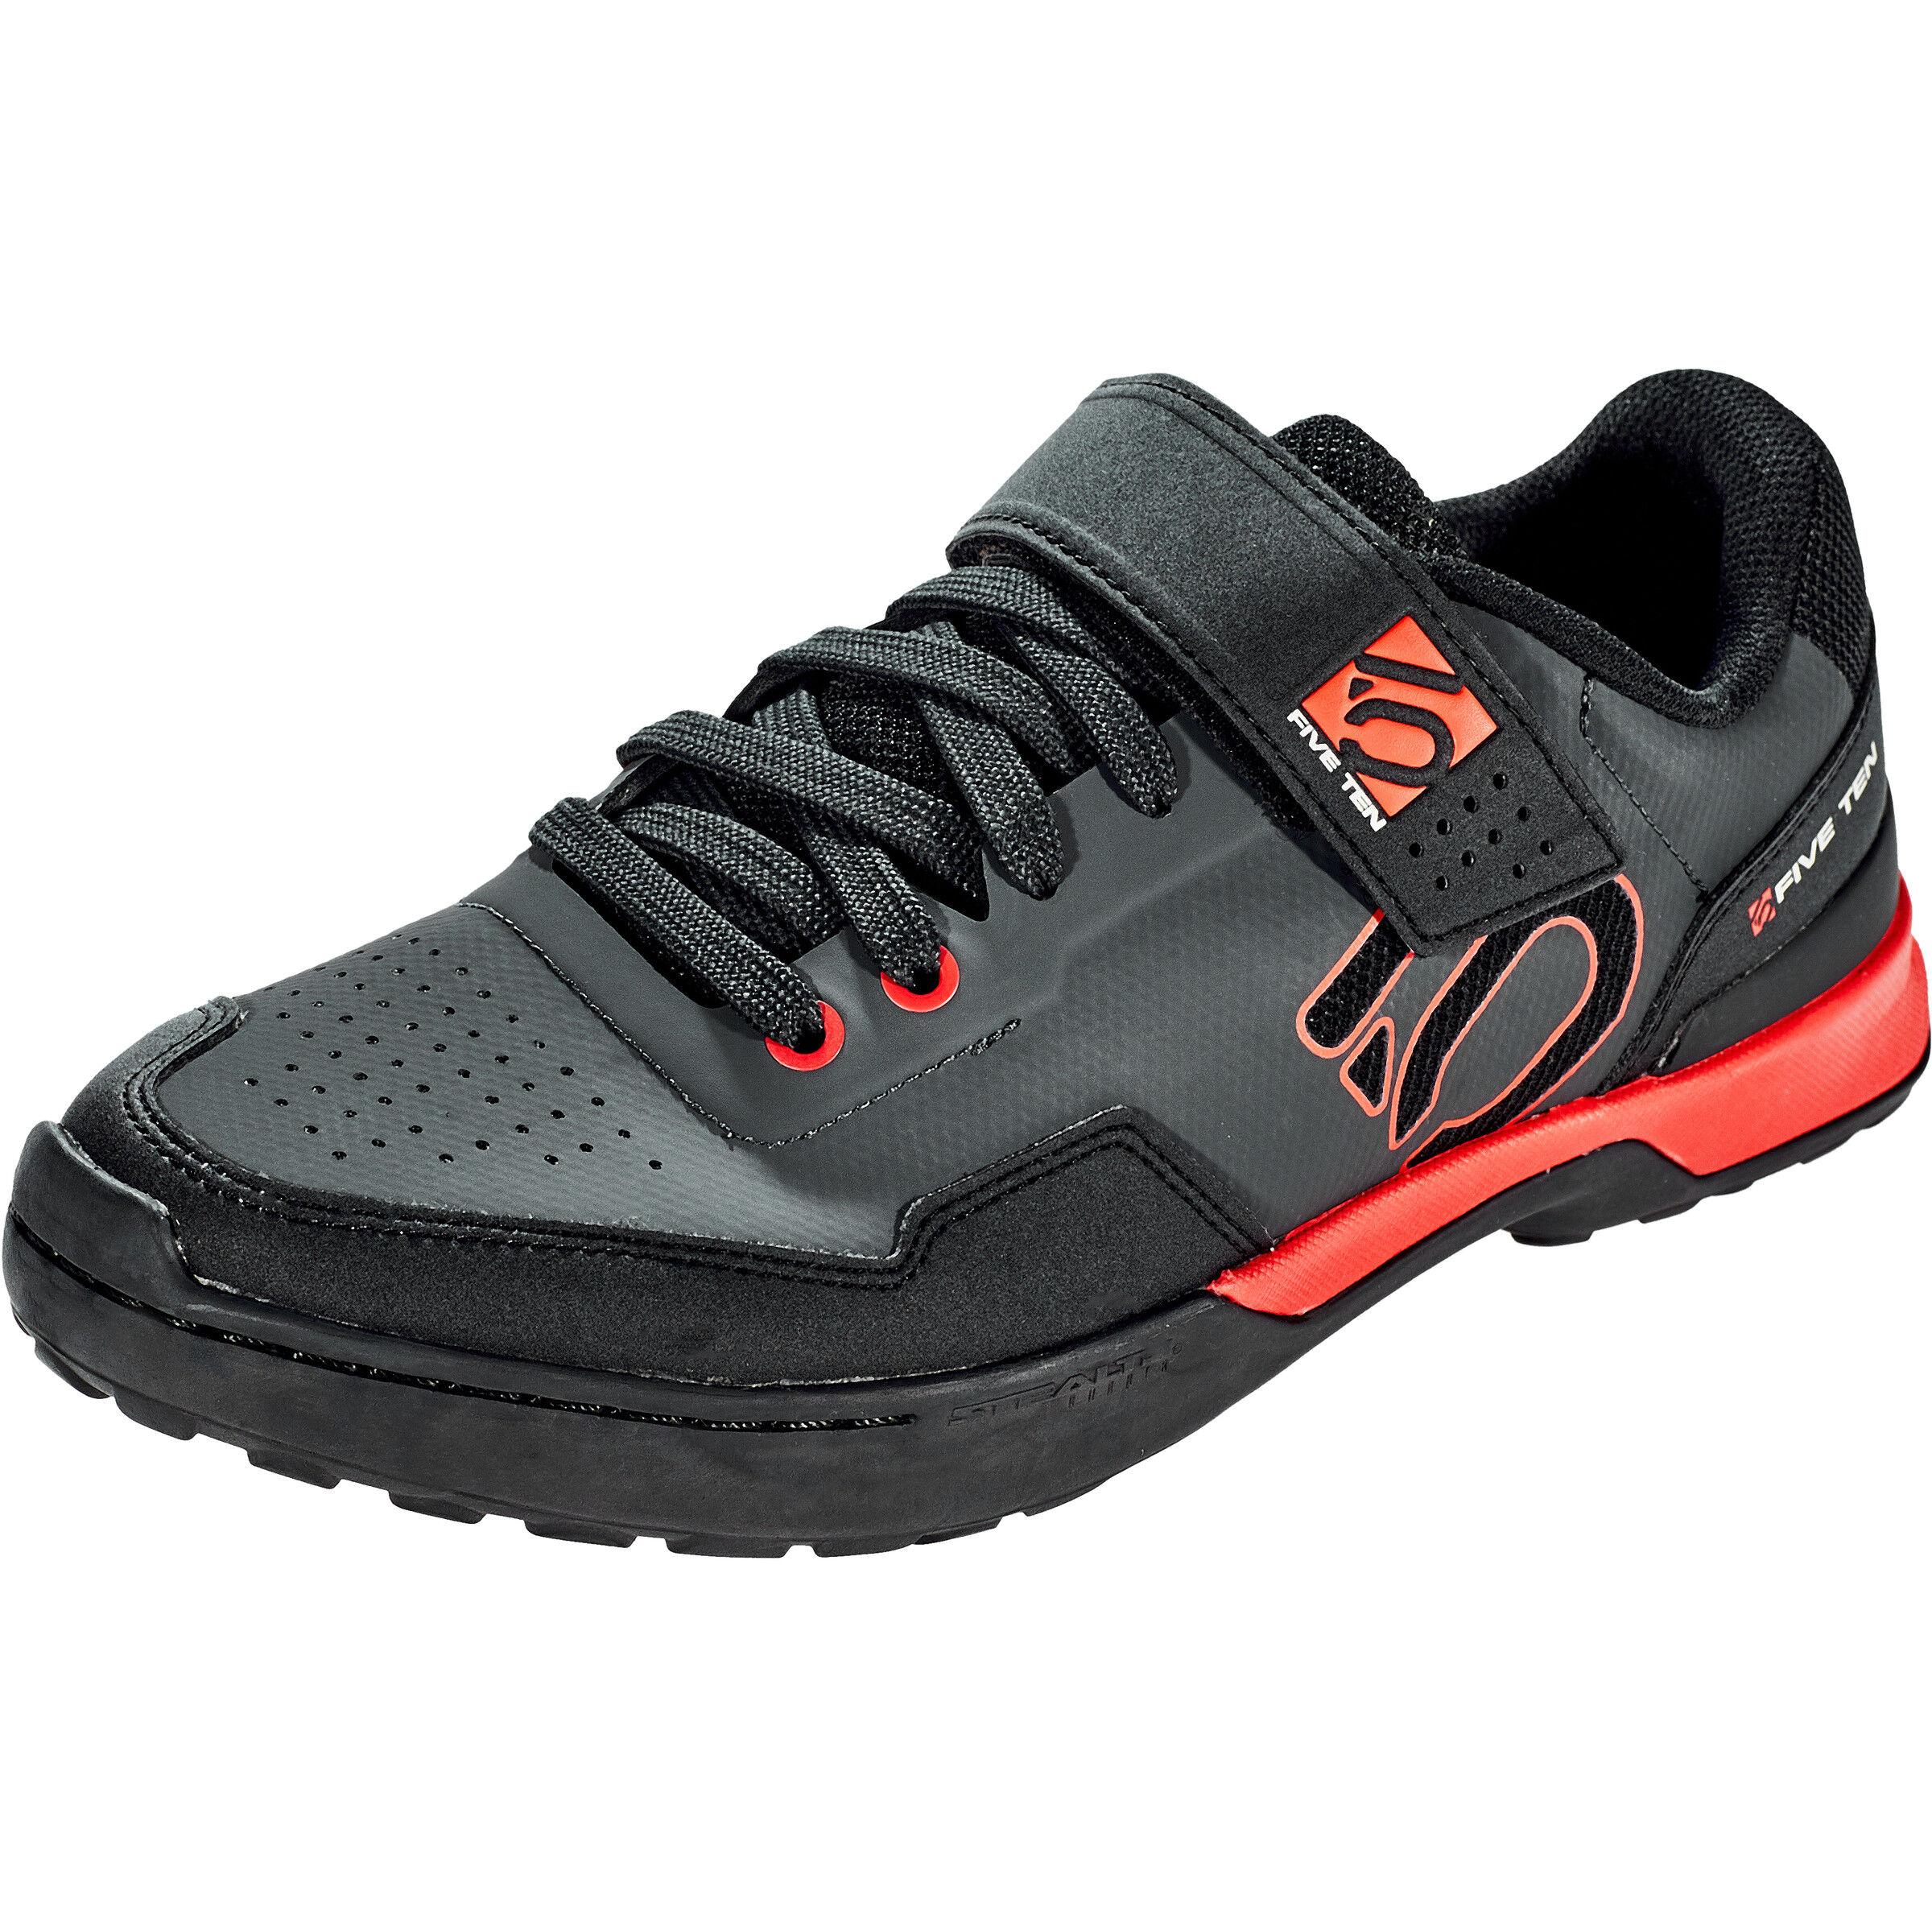 adidas Five Ten 5.10 Kestrel Lace Shoes Herren carboncore blackred